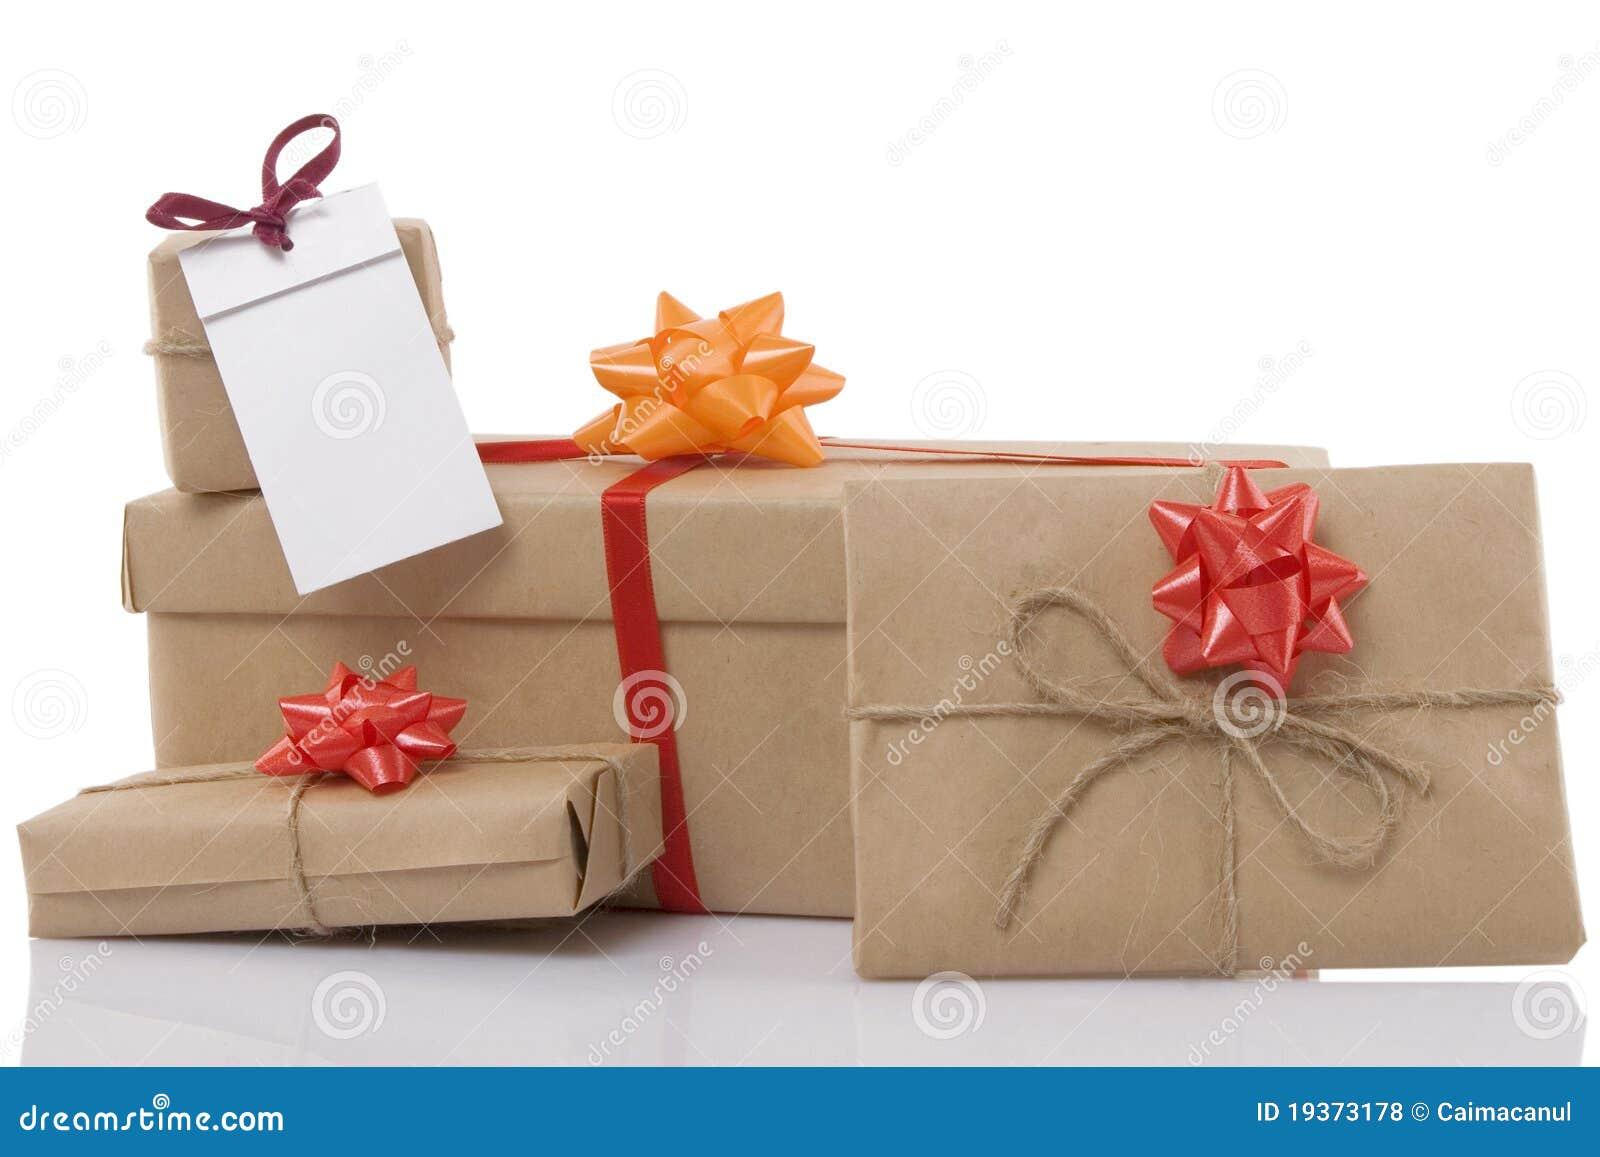 Caixas de presente com fita e etiqueta em branco